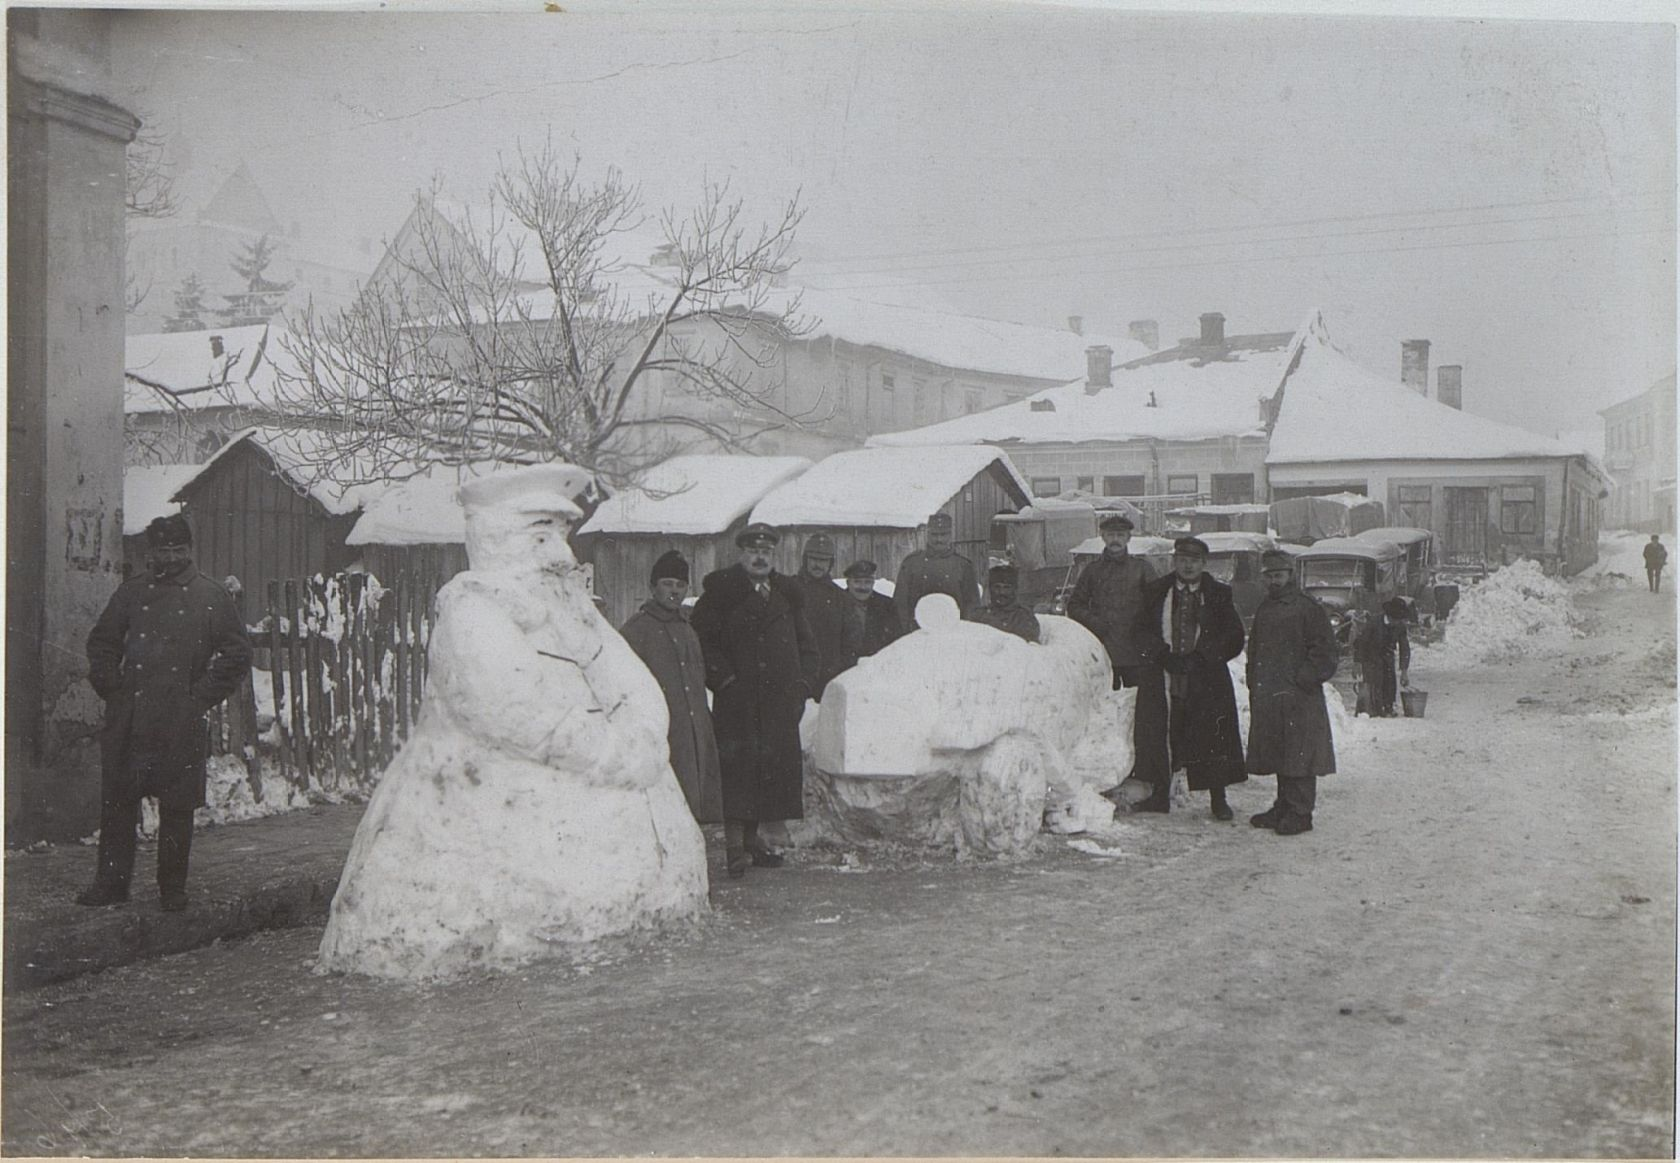 Snow figure | K.u.k. Kriegspressequartier, Lichtbildstelle - Wien | 1915 | Österreichische Nationalbibliothek - Austrian National Library | Public Domain